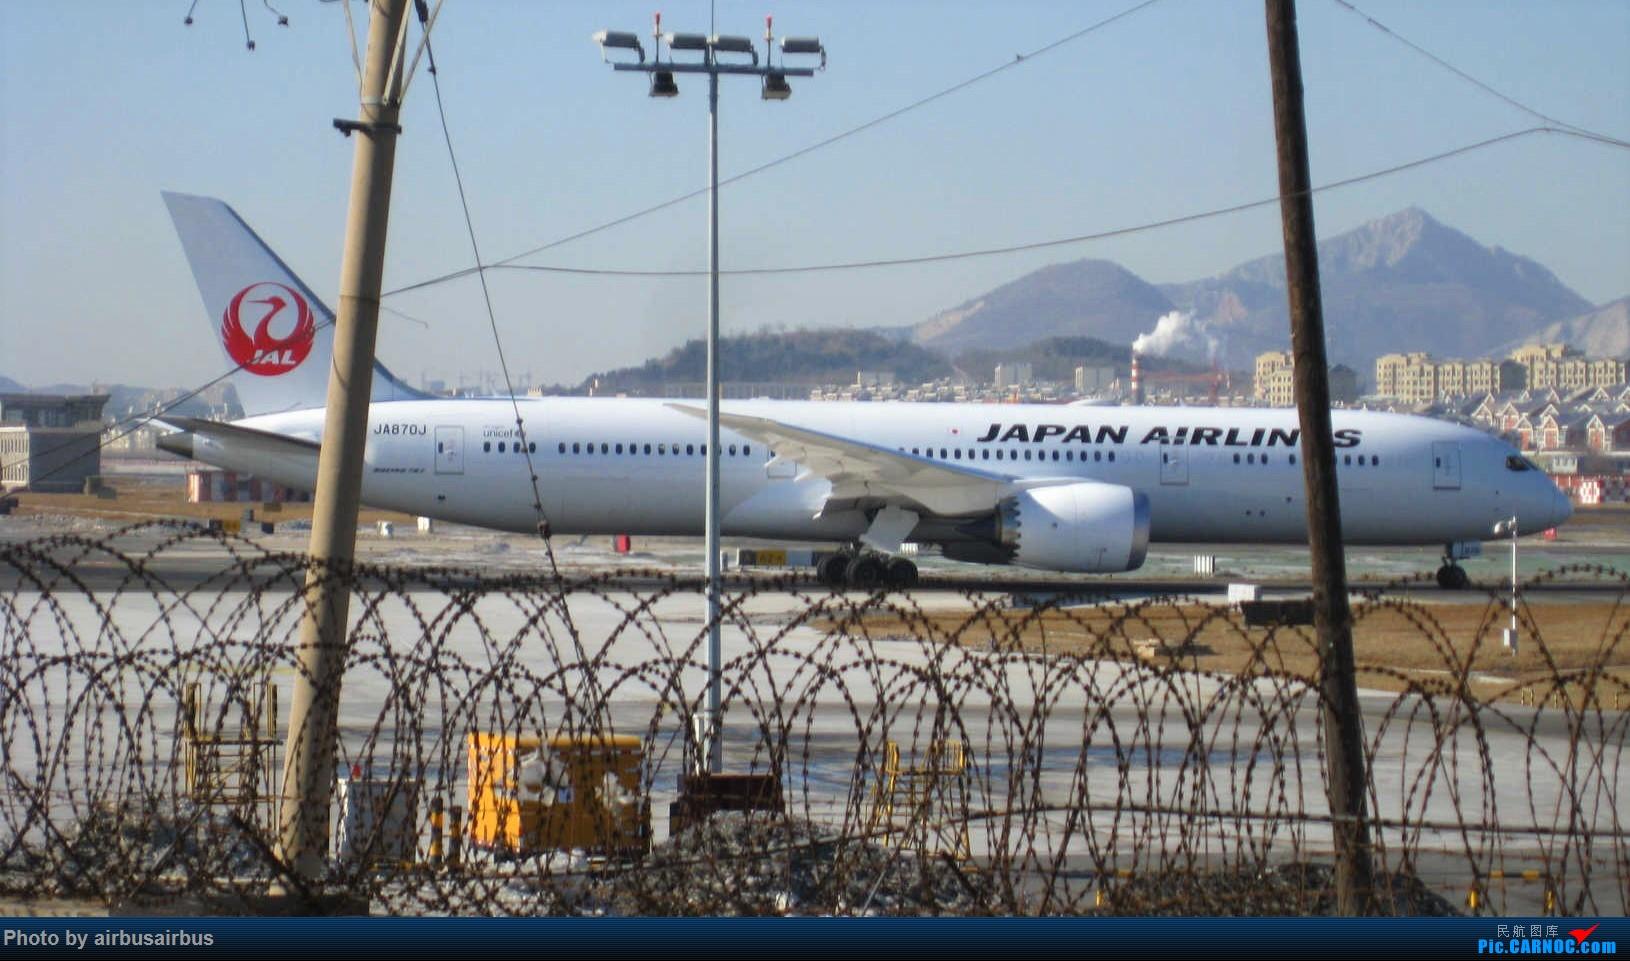 Re:[原创]卑微大连卡狗冒着被妹妹·好基友和鹅总打的巨大风险爆人+自爆!!! BOEING 787-9 JA870J 中国大连国际机场